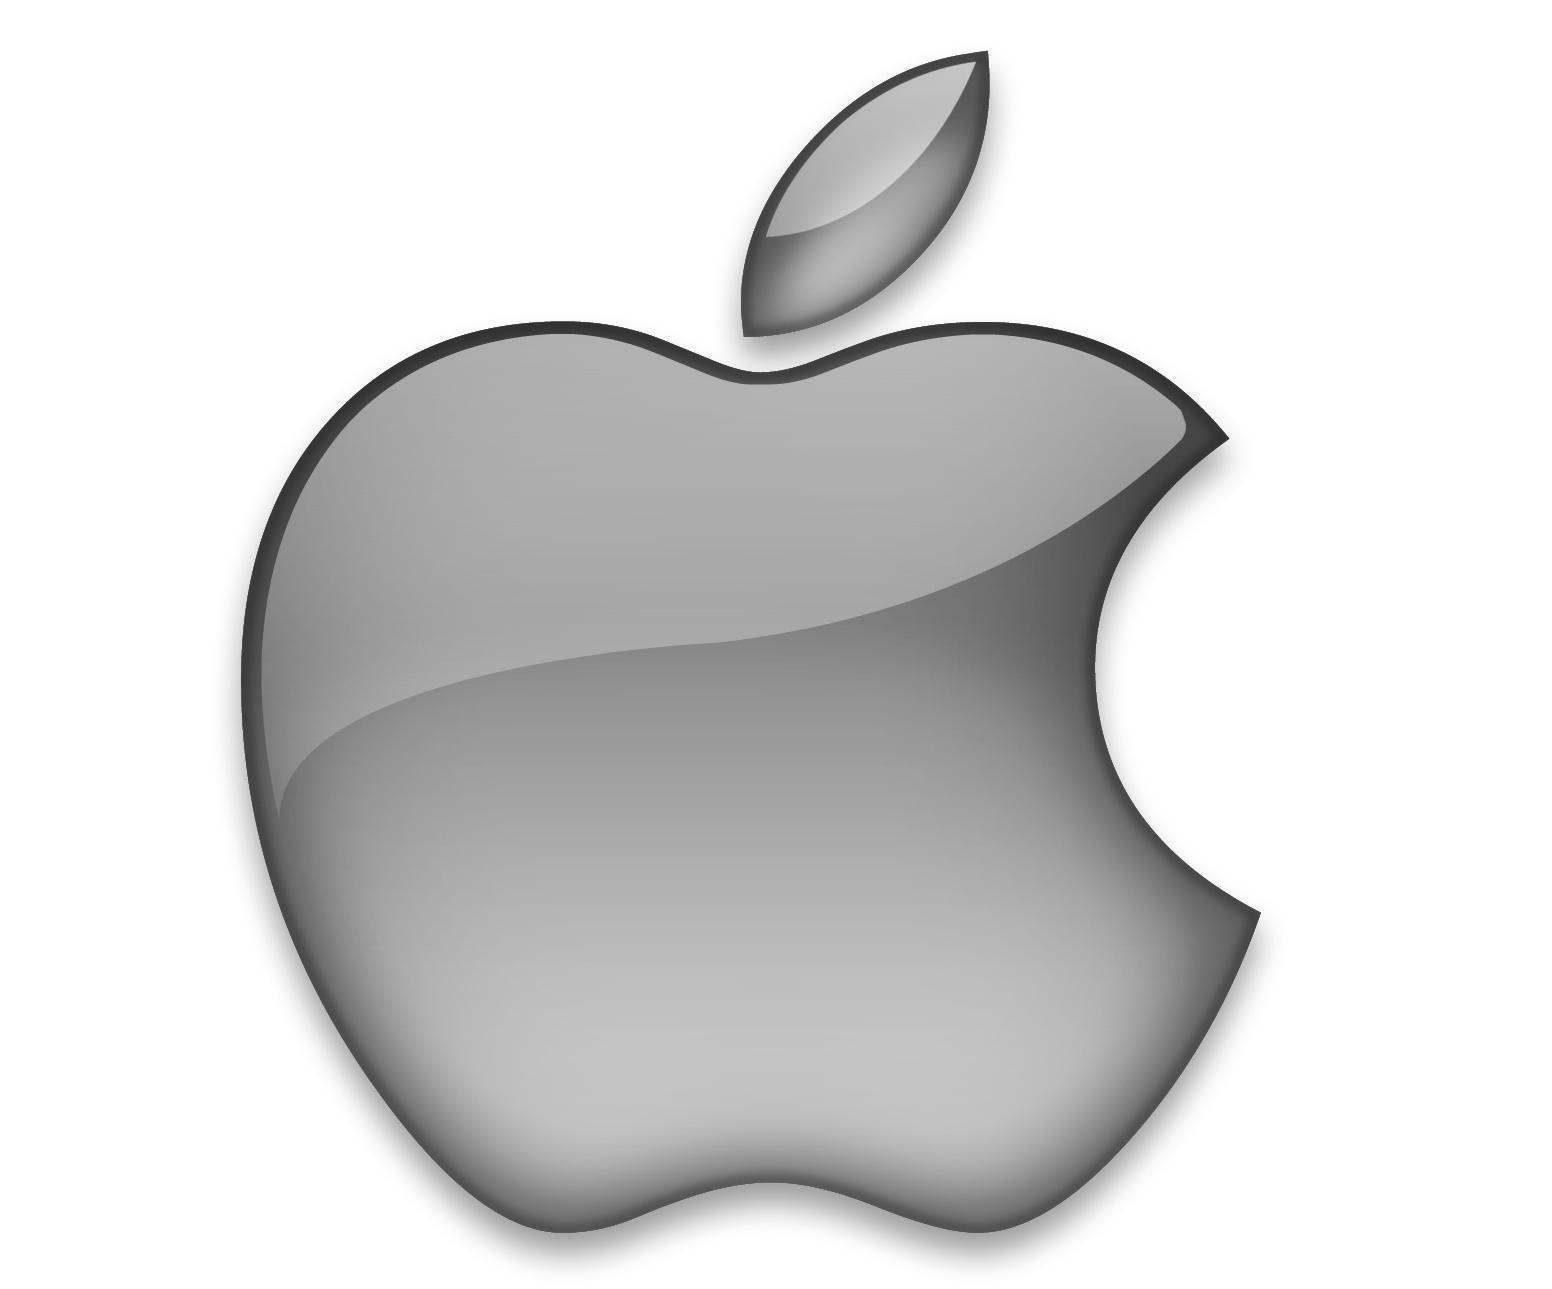 Makalah Tentang Perusahaan Apple Makalah Strategi Diferensiasi Slideshare Apple Adalah Perusahaan Yang Besar Yang Dipelopori Oleg Steve Jobs